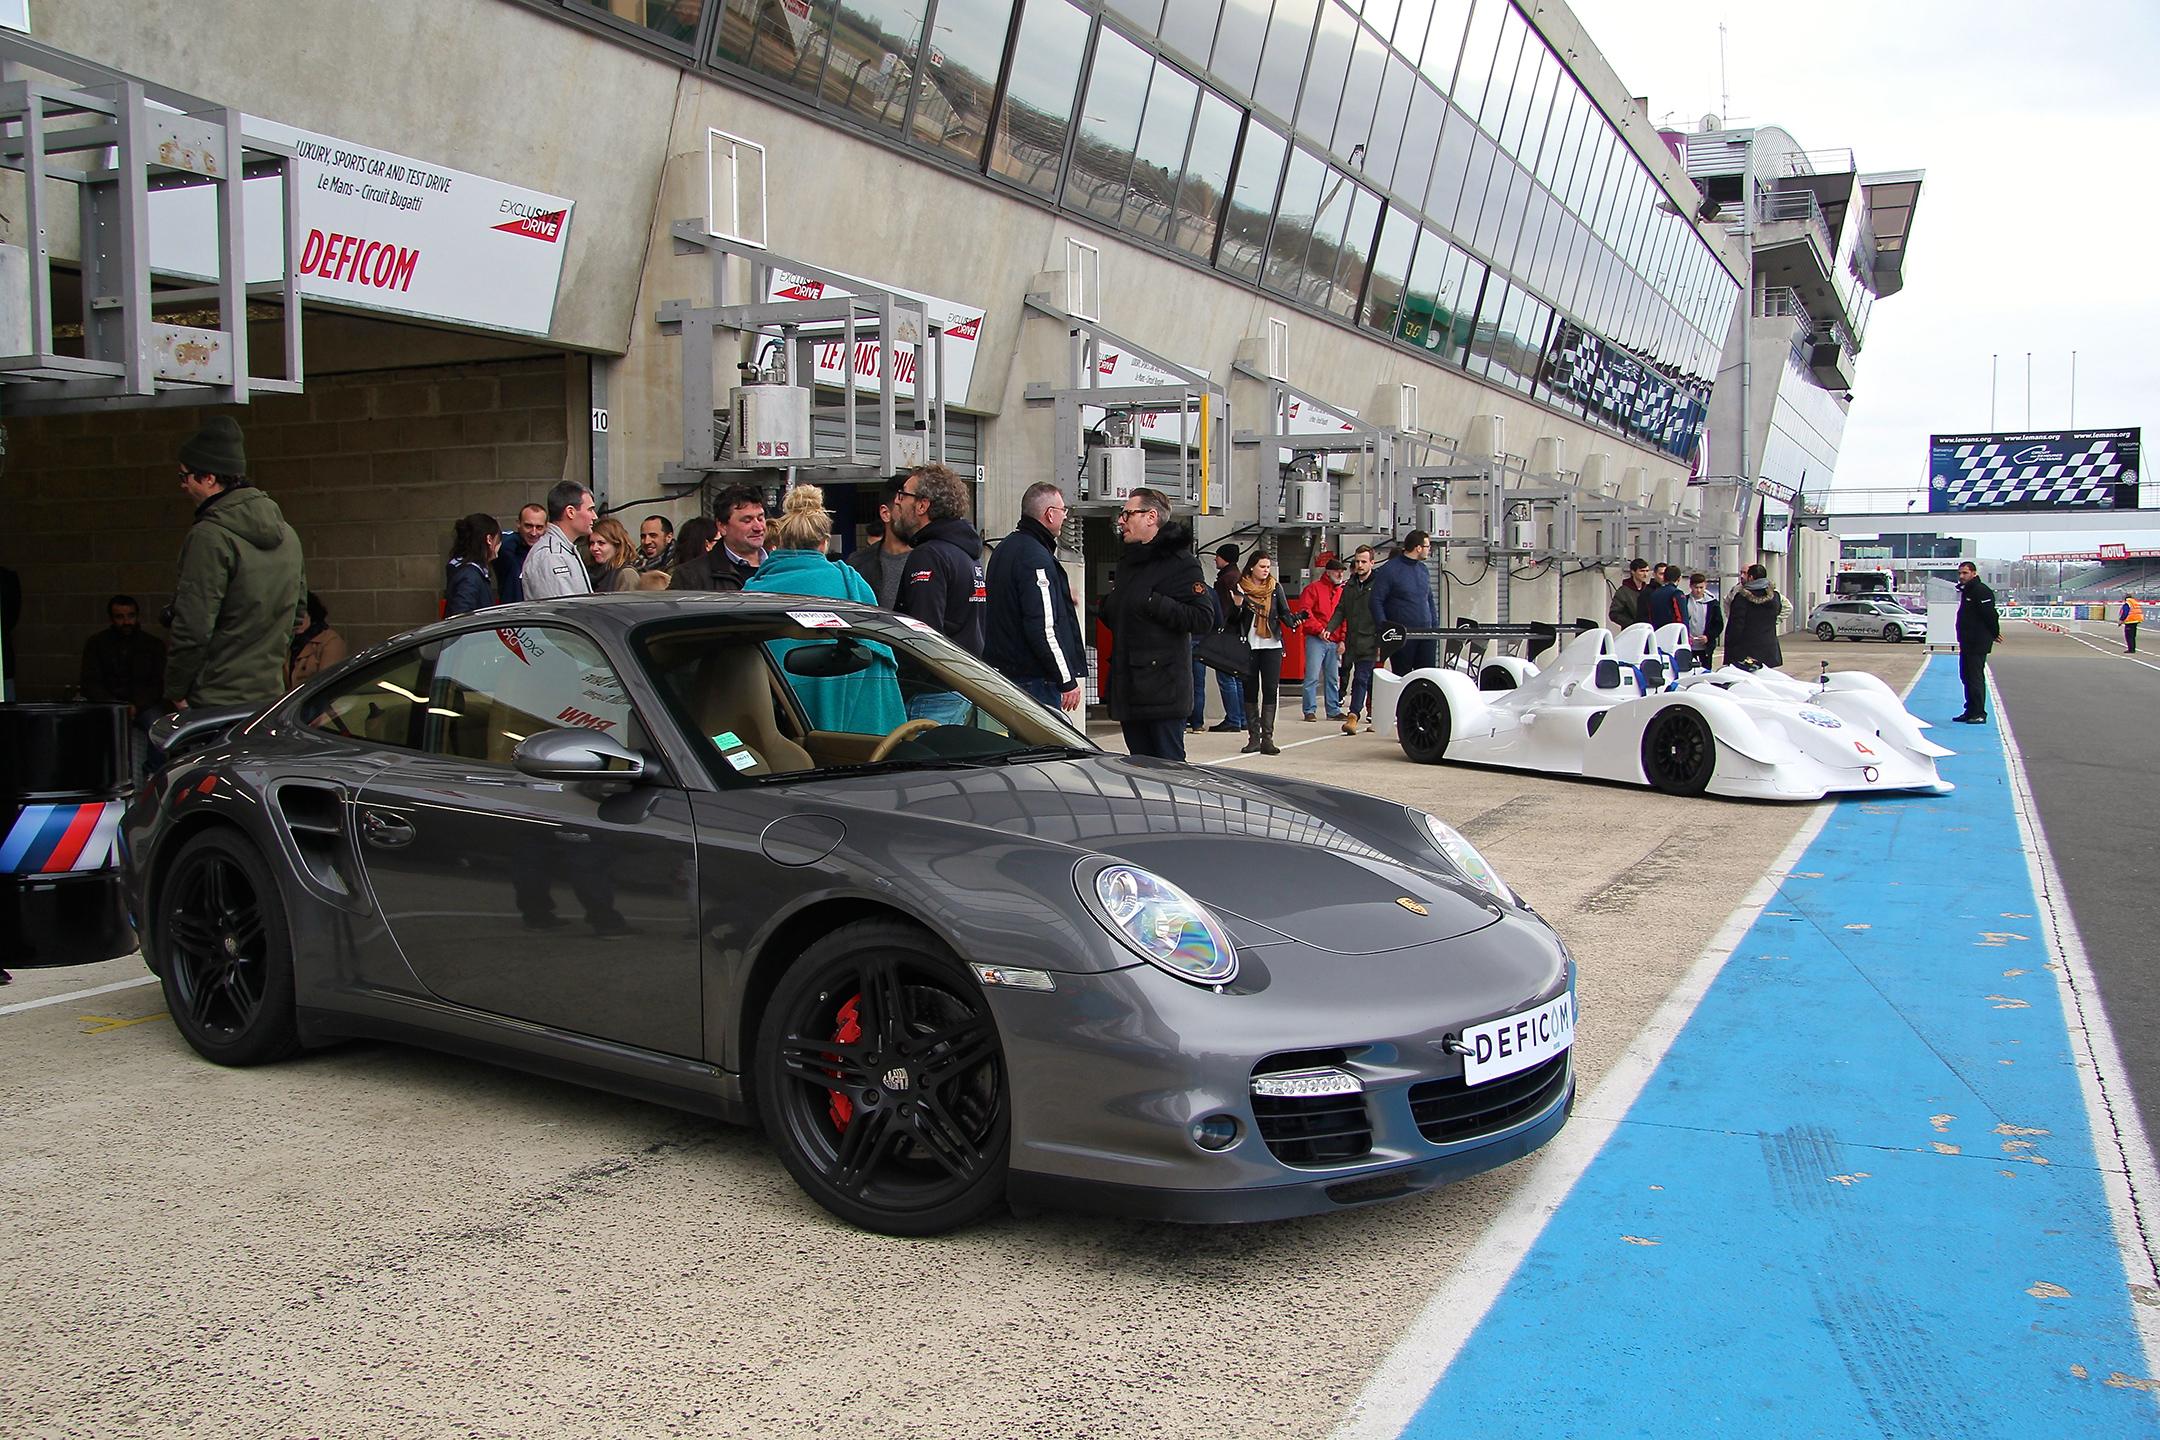 Porsche - ready - Pitlane circuit Bugatti - Exclusive Drive 2017 - photo Ludo Ferrari